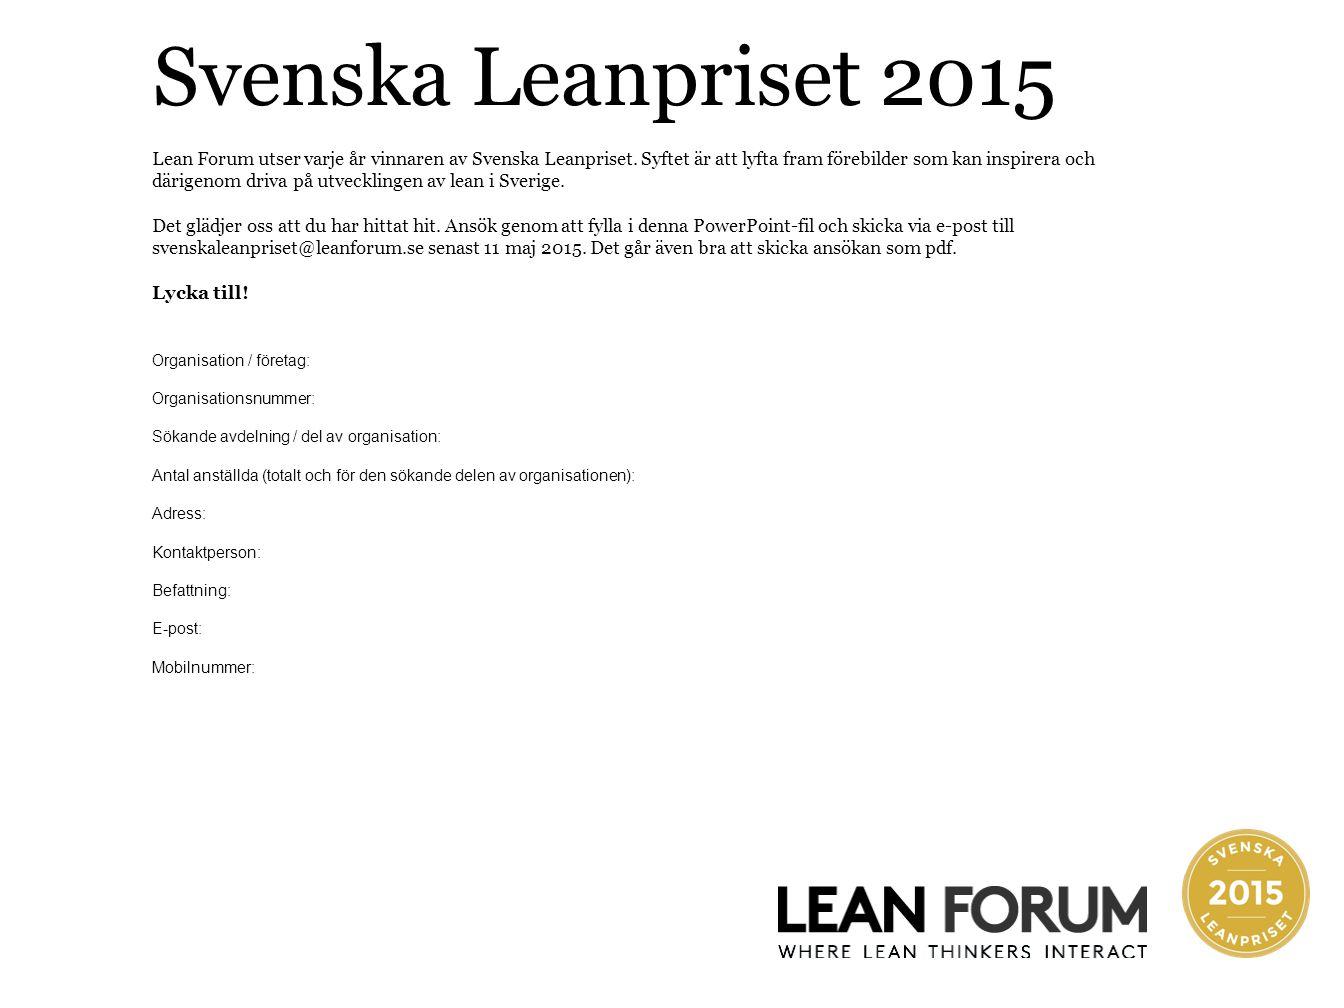 Svenska Leanpriset 2015 Lean Forum utser varje år vinnaren av Svenska Leanpriset. Syftet är att lyfta fram förebilder som kan inspirera och därigenom